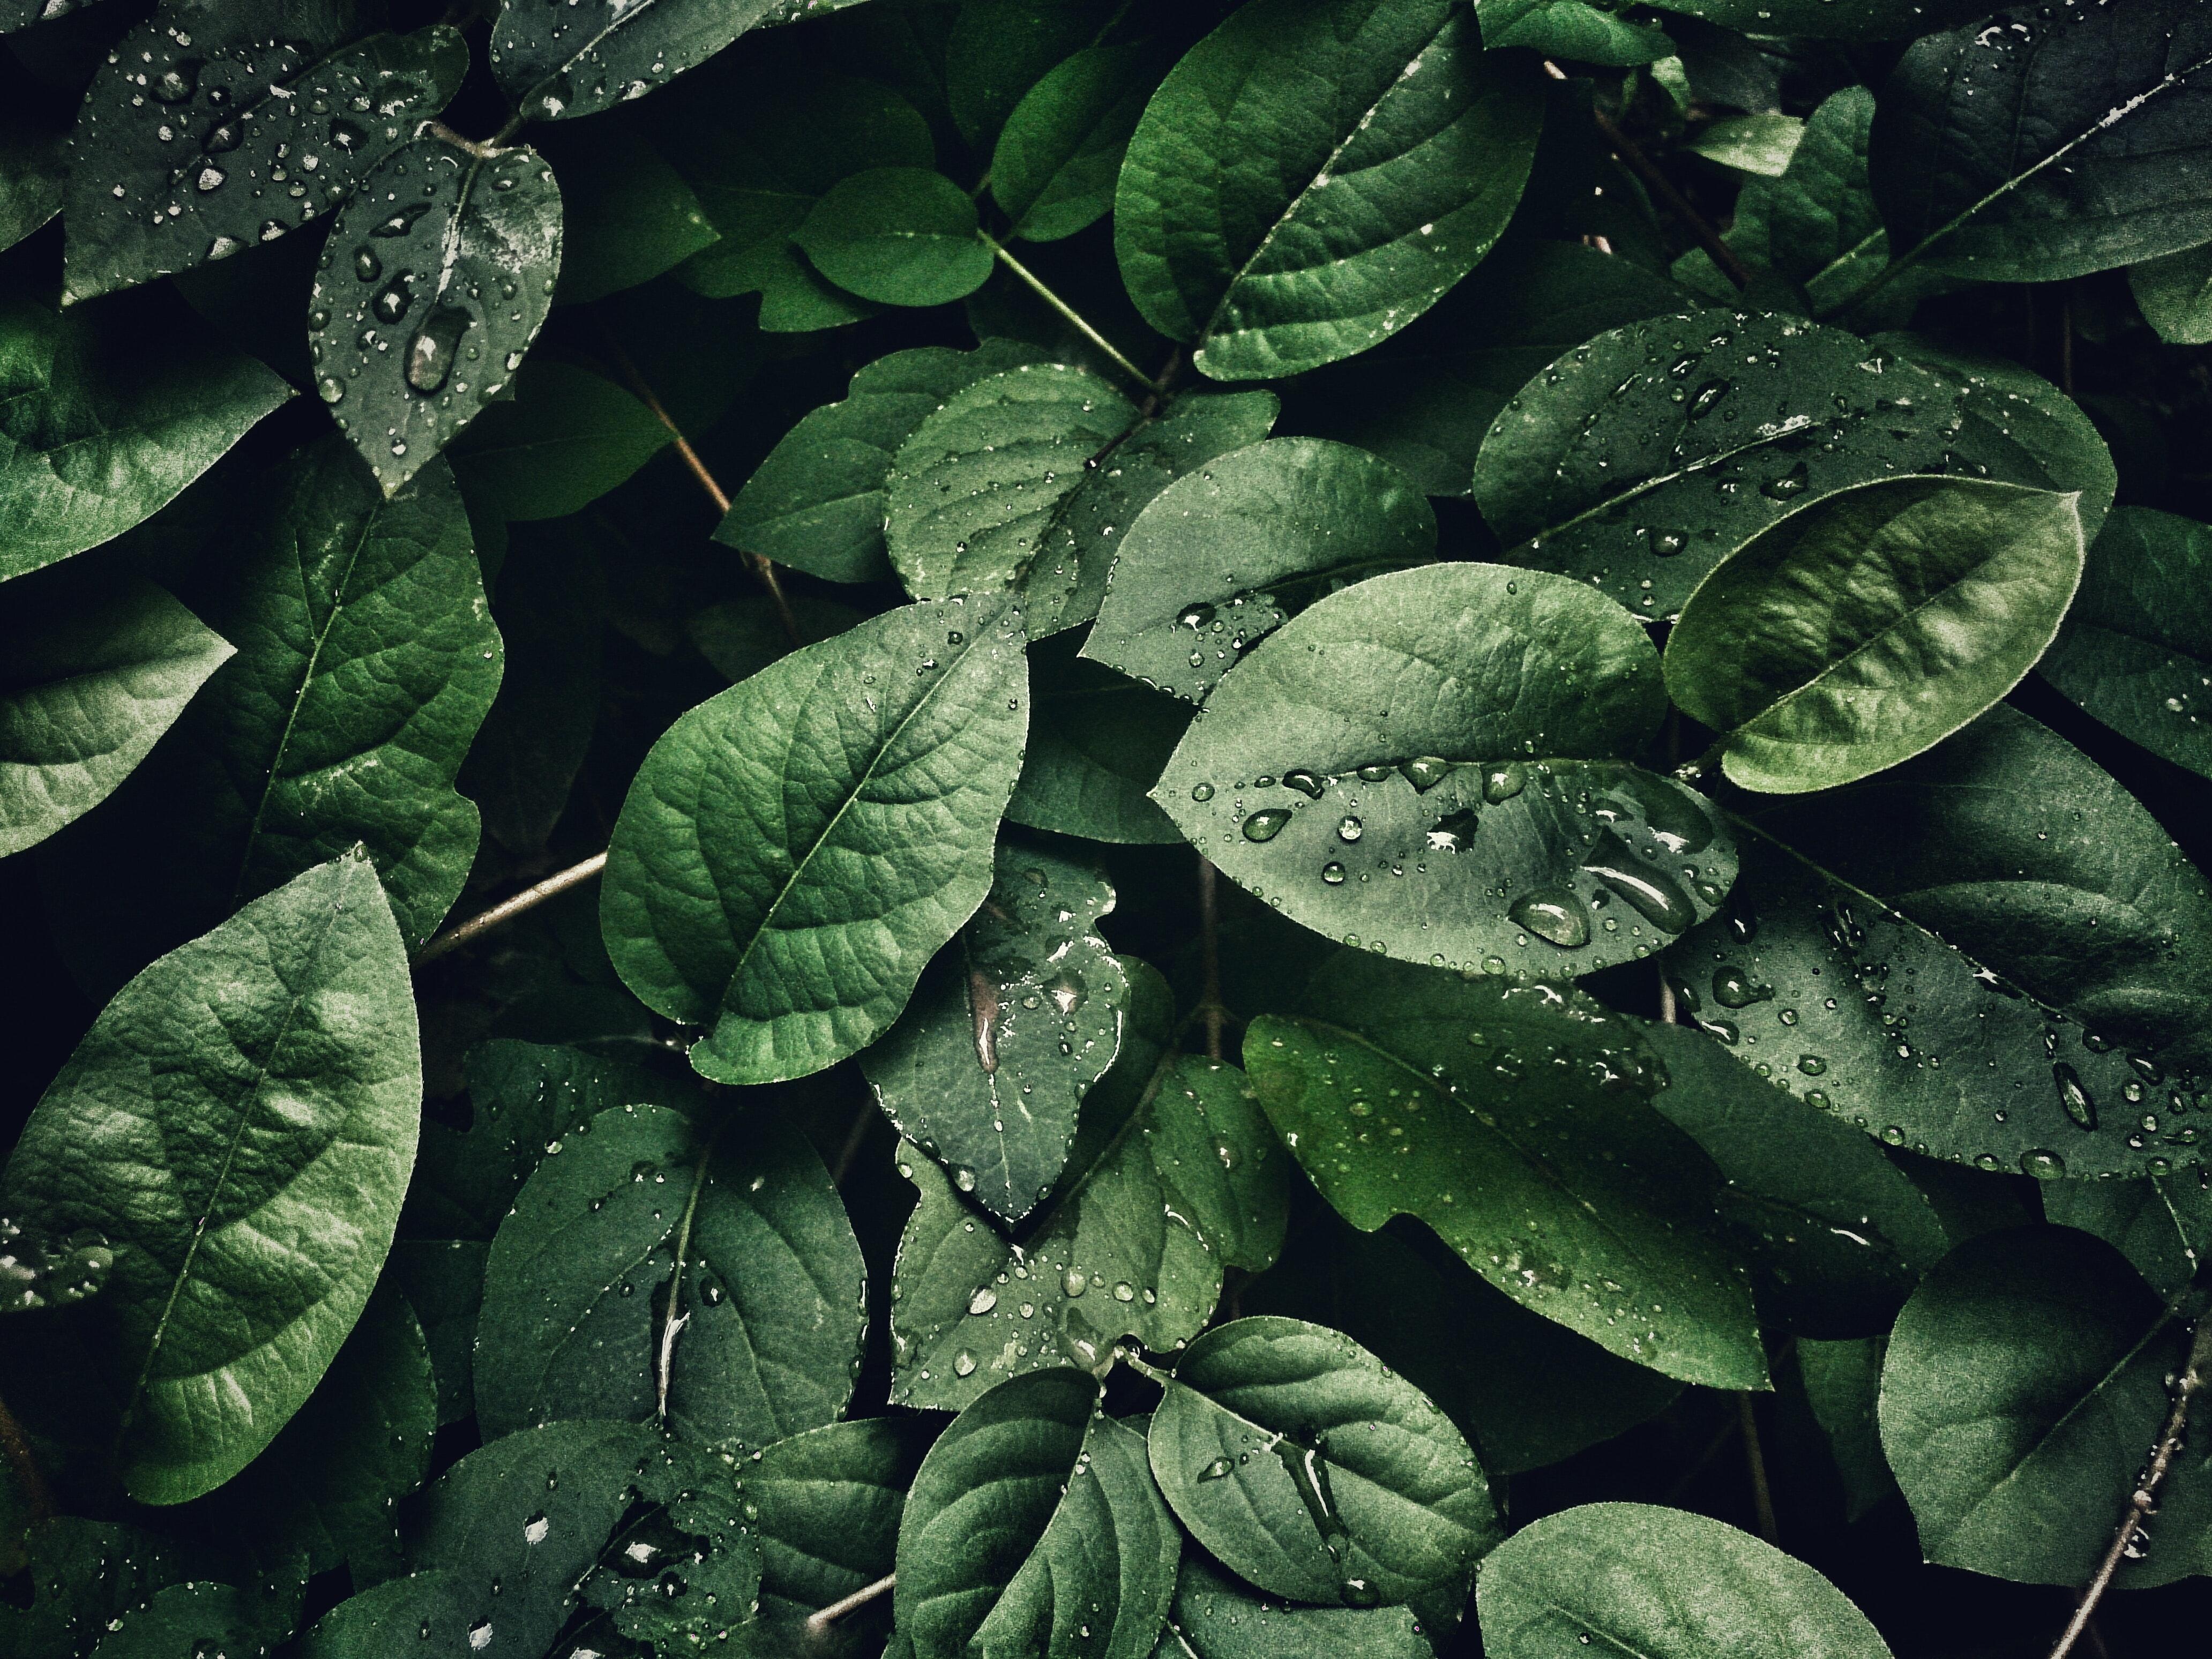 leaves nature pexels jooinn